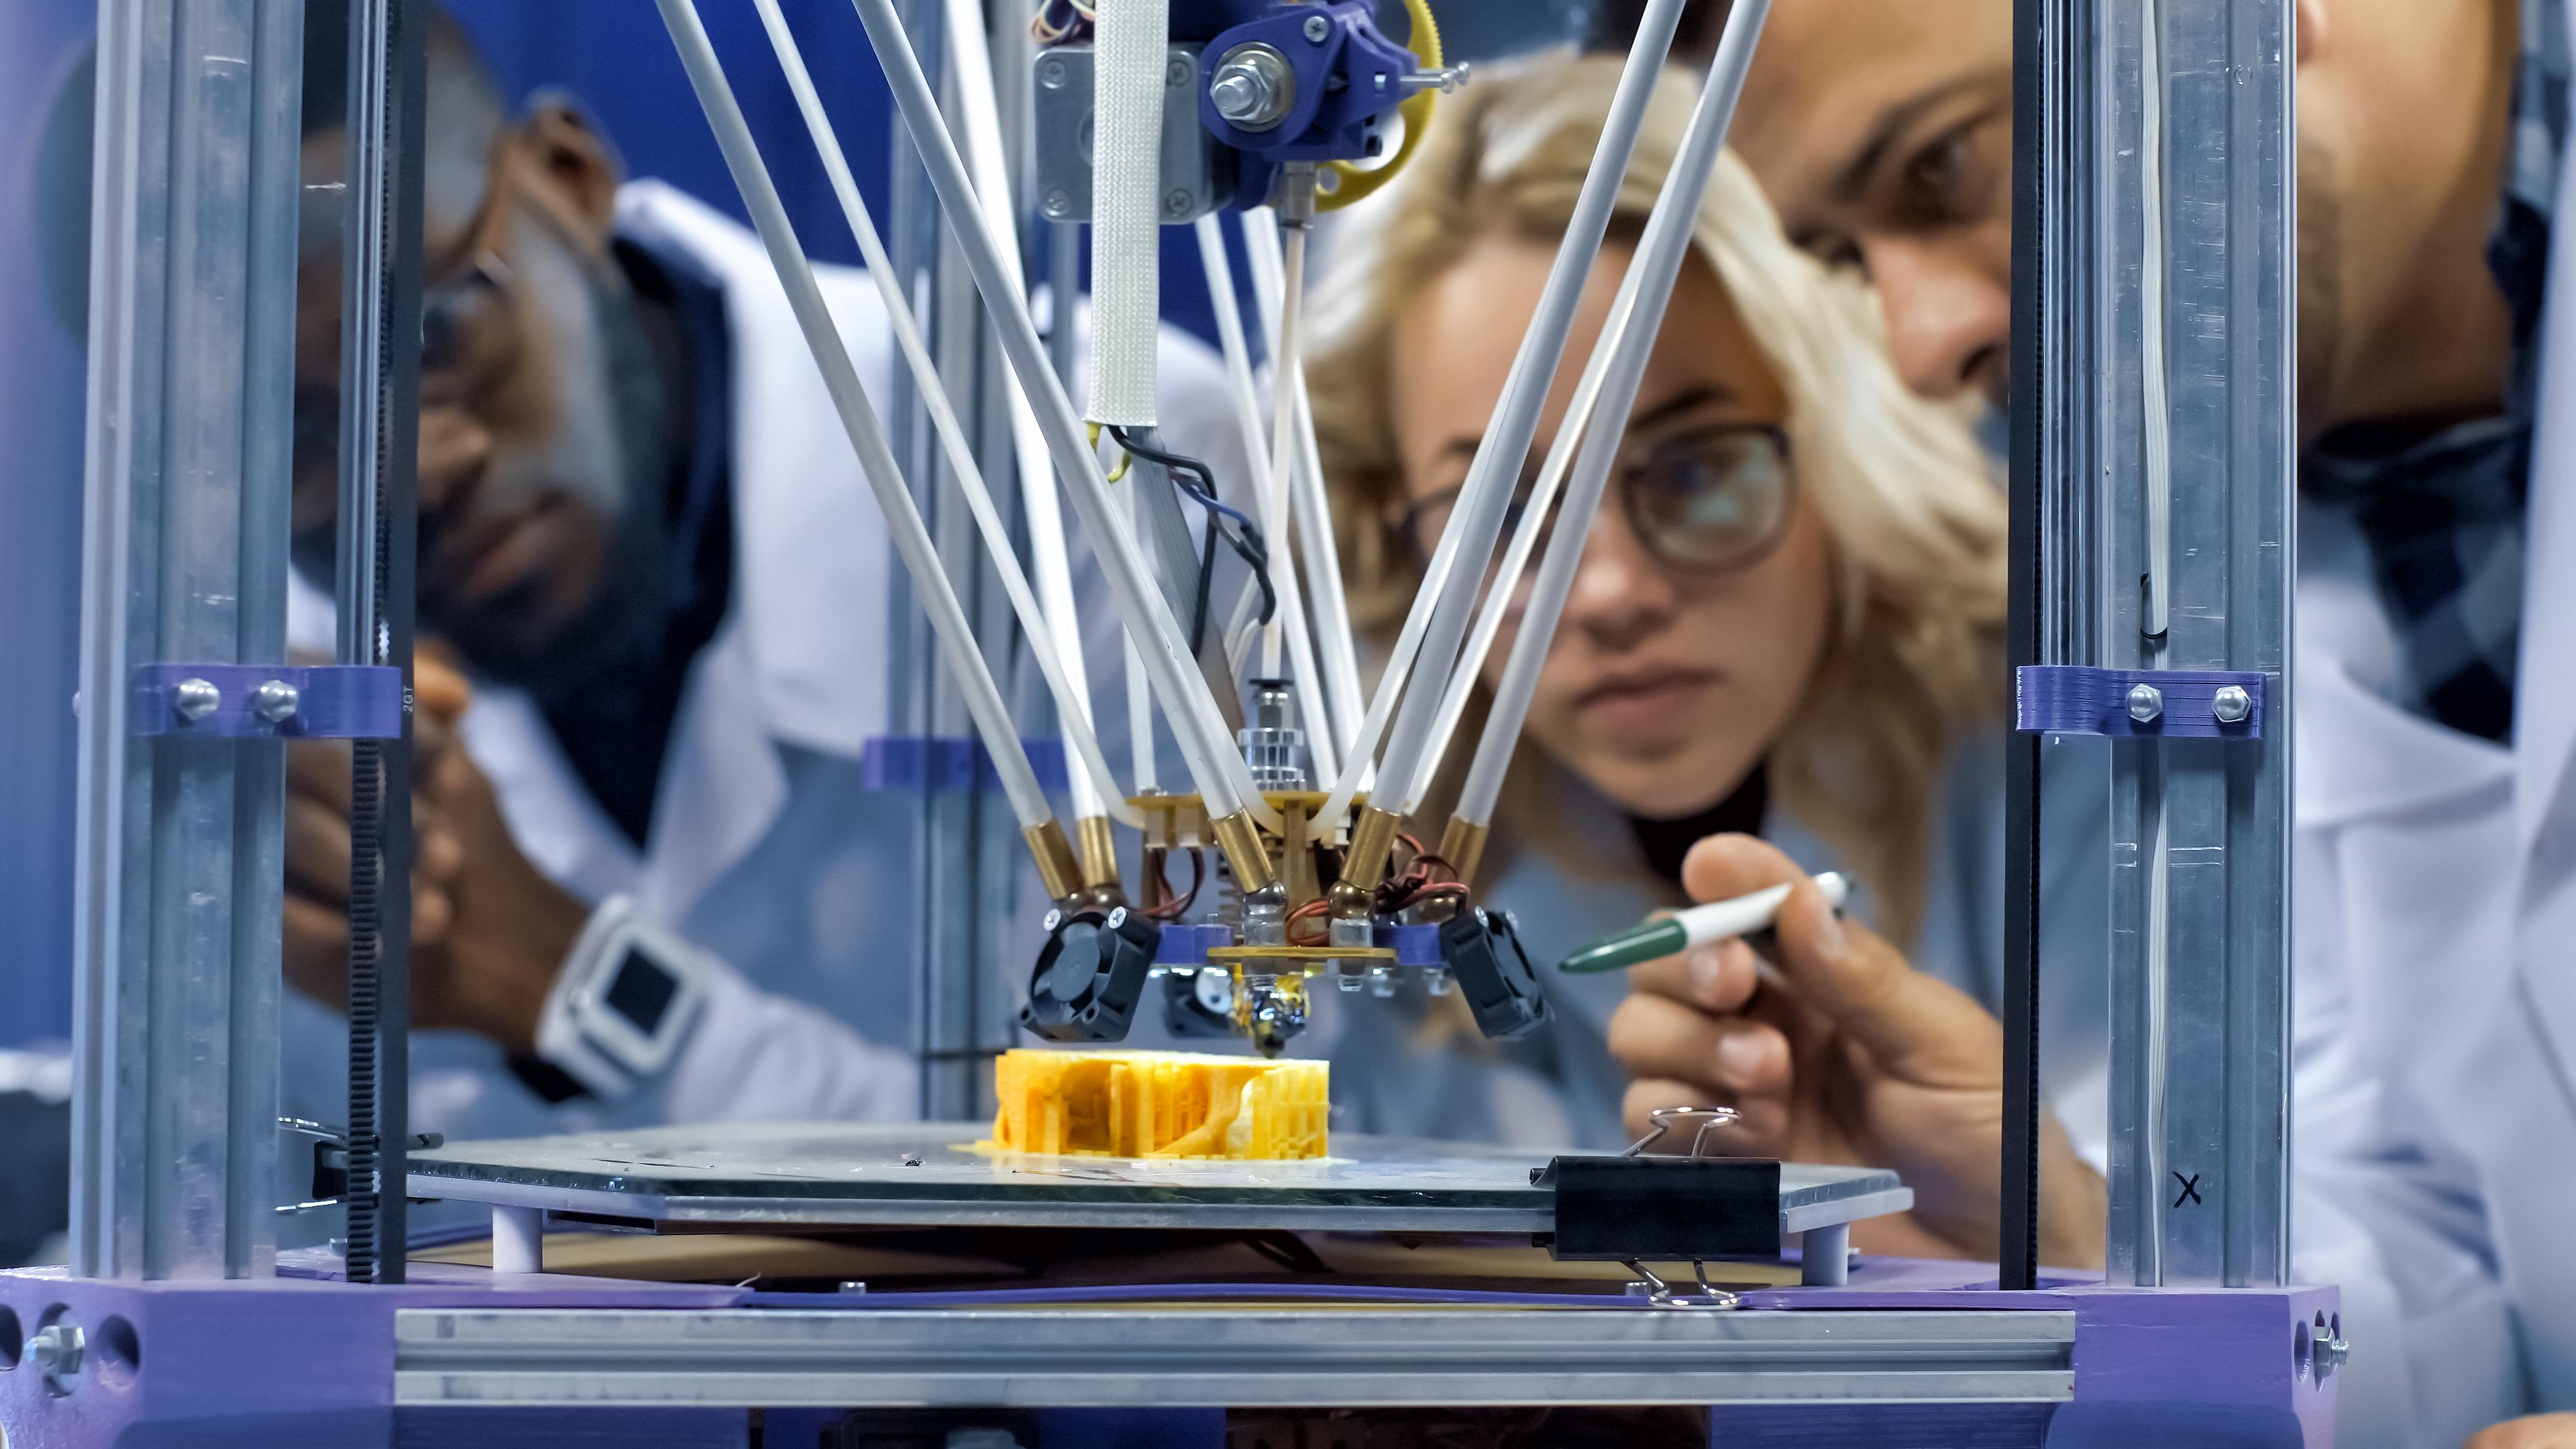 Forscher beobachten 3D-Drucker